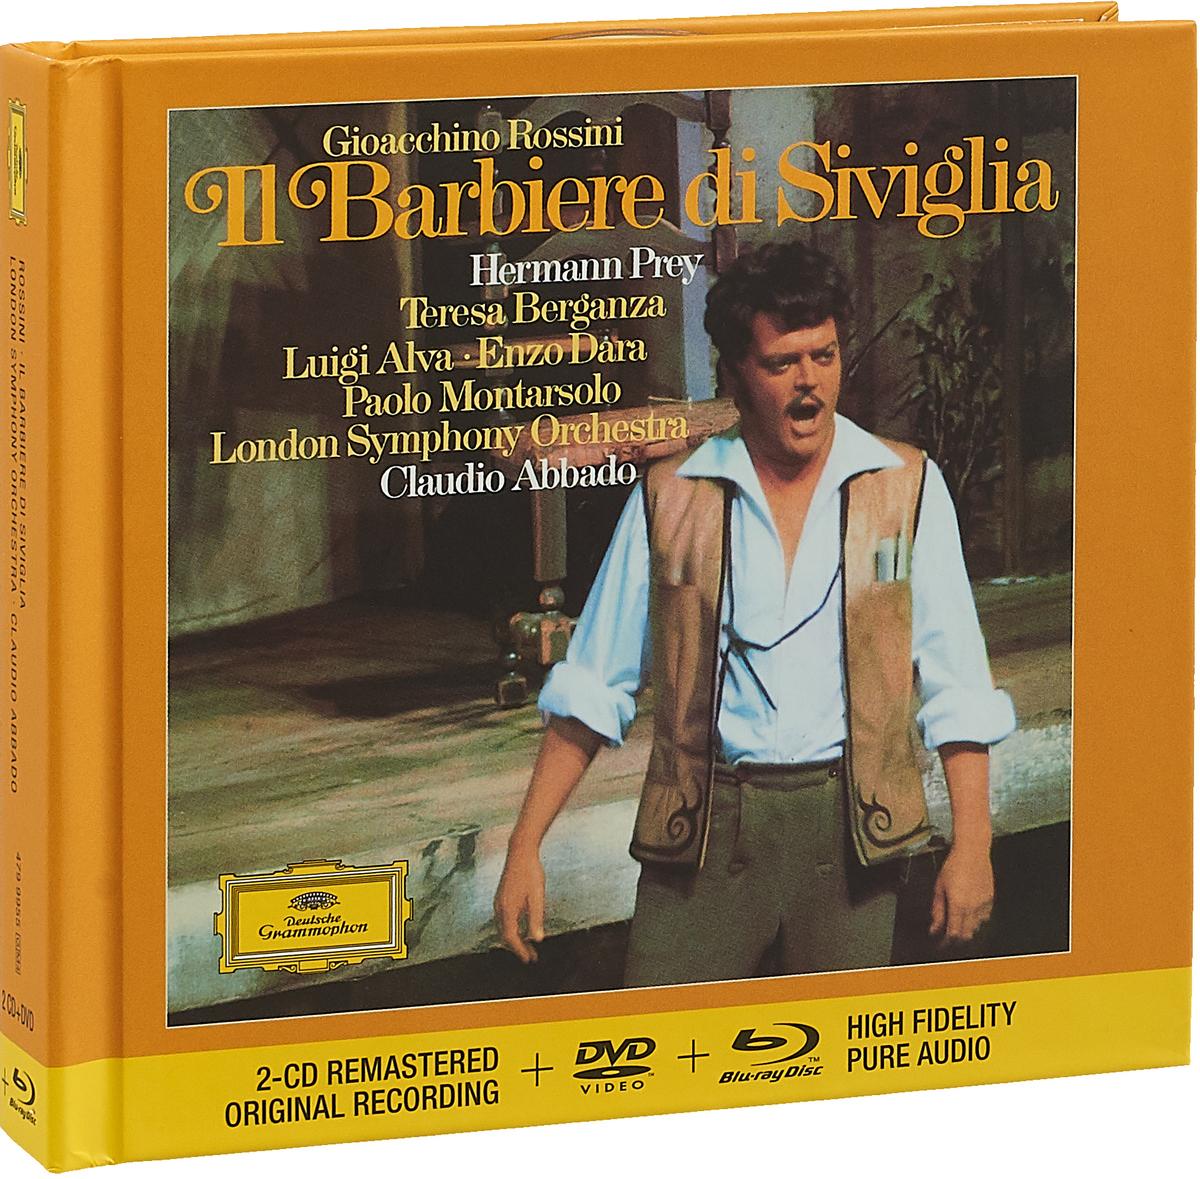 Клаудио Аббадо Abbado, Claudio Rossini. Il Barbiere Di Siviglia (2 CD, DVD, Blu-ray) gioacchino rossini claudio abbado il barbiere di siviglia